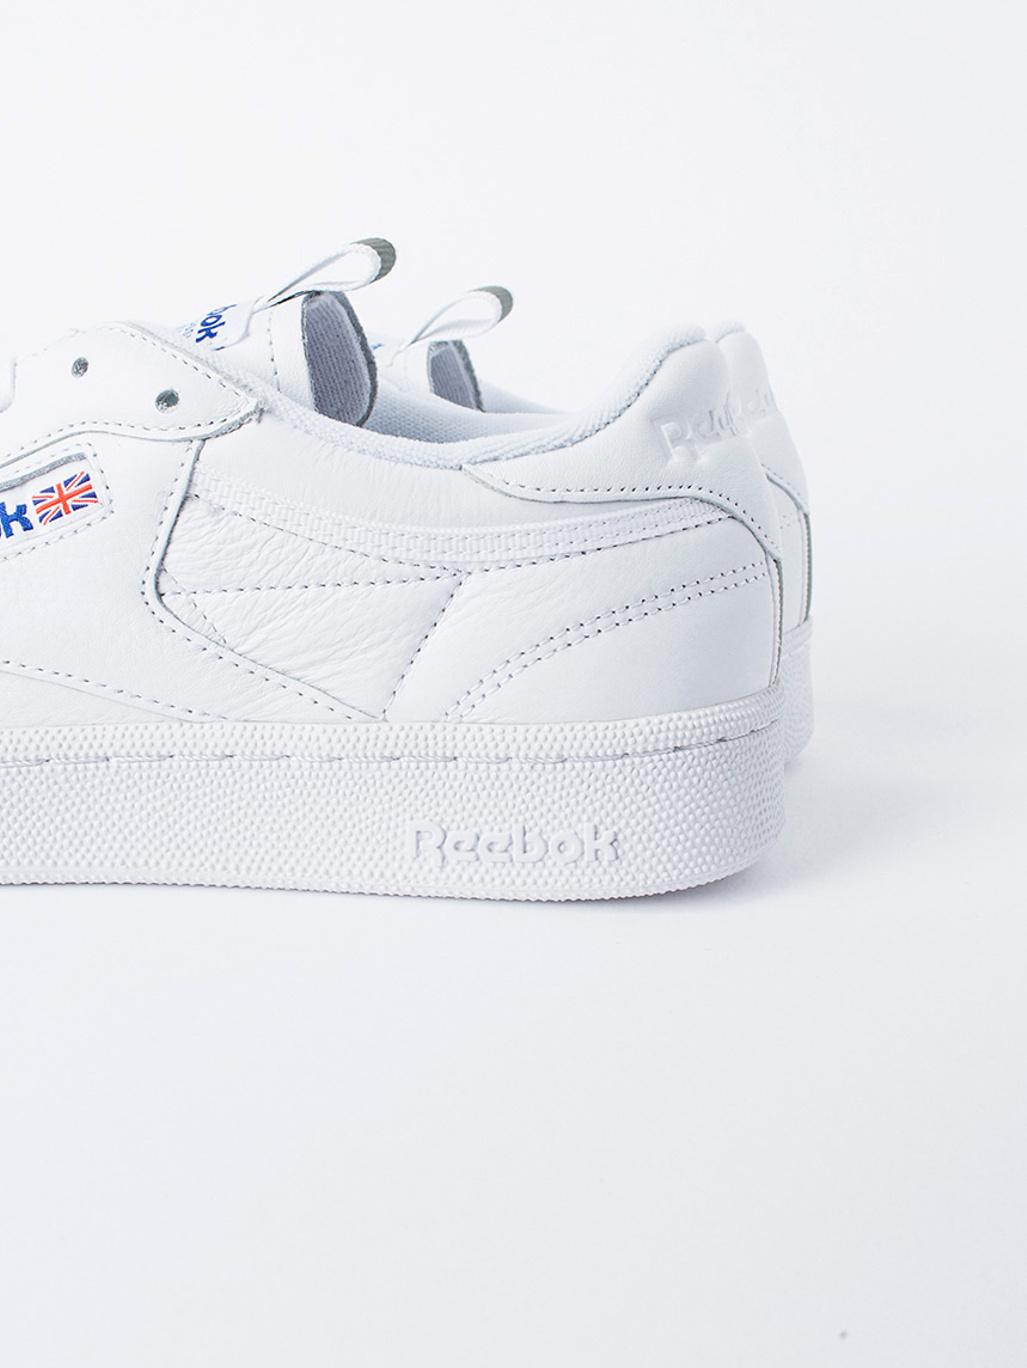 7dbe9386b48 Club C 85 RT White